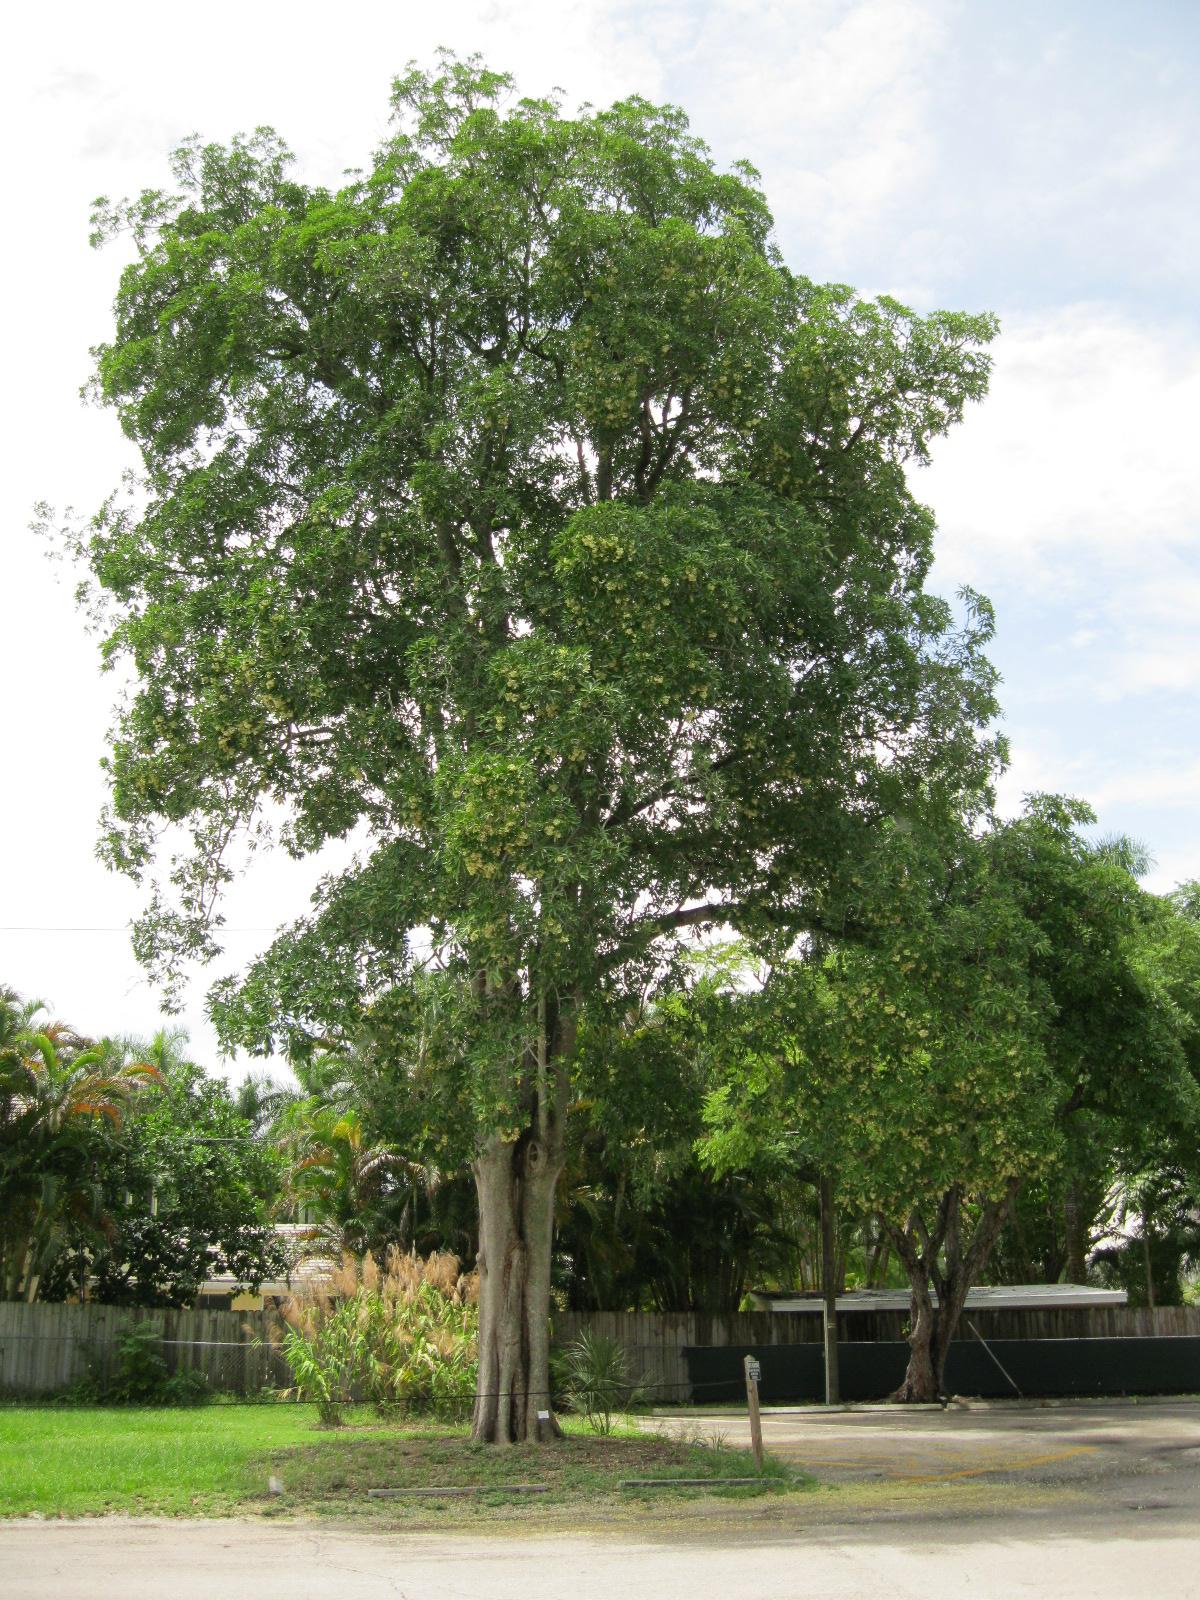 pohon pule  Jual Aneka Bibit Pohon dan Tanaman Hias